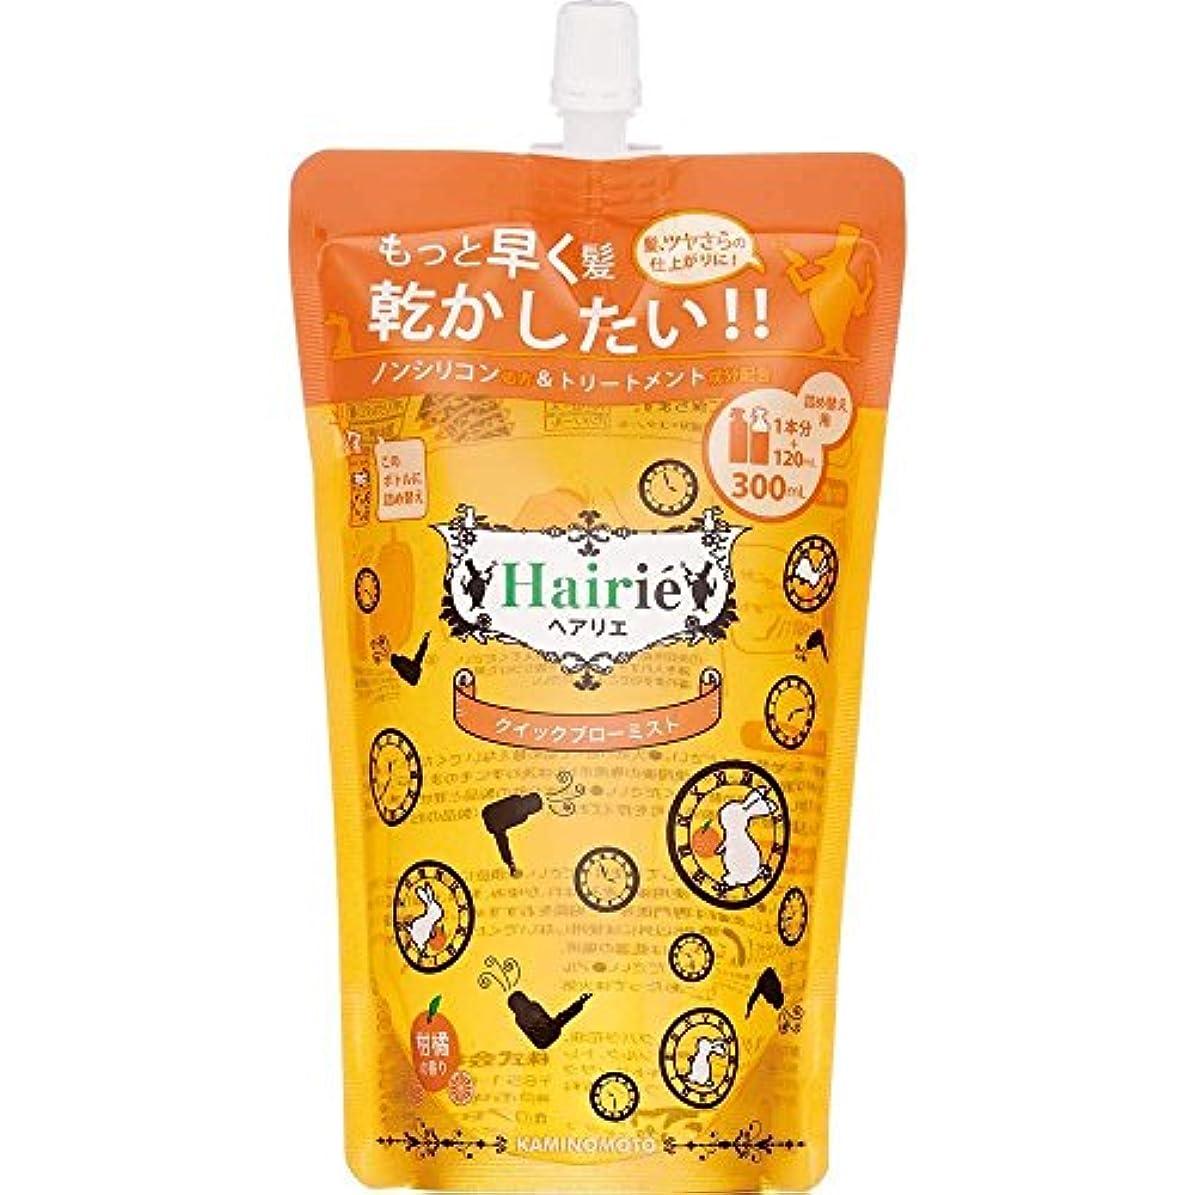 電報拍車血ヘアリエ クイックブローミスト 柑橘の香り 詰め替え 300mL×3個